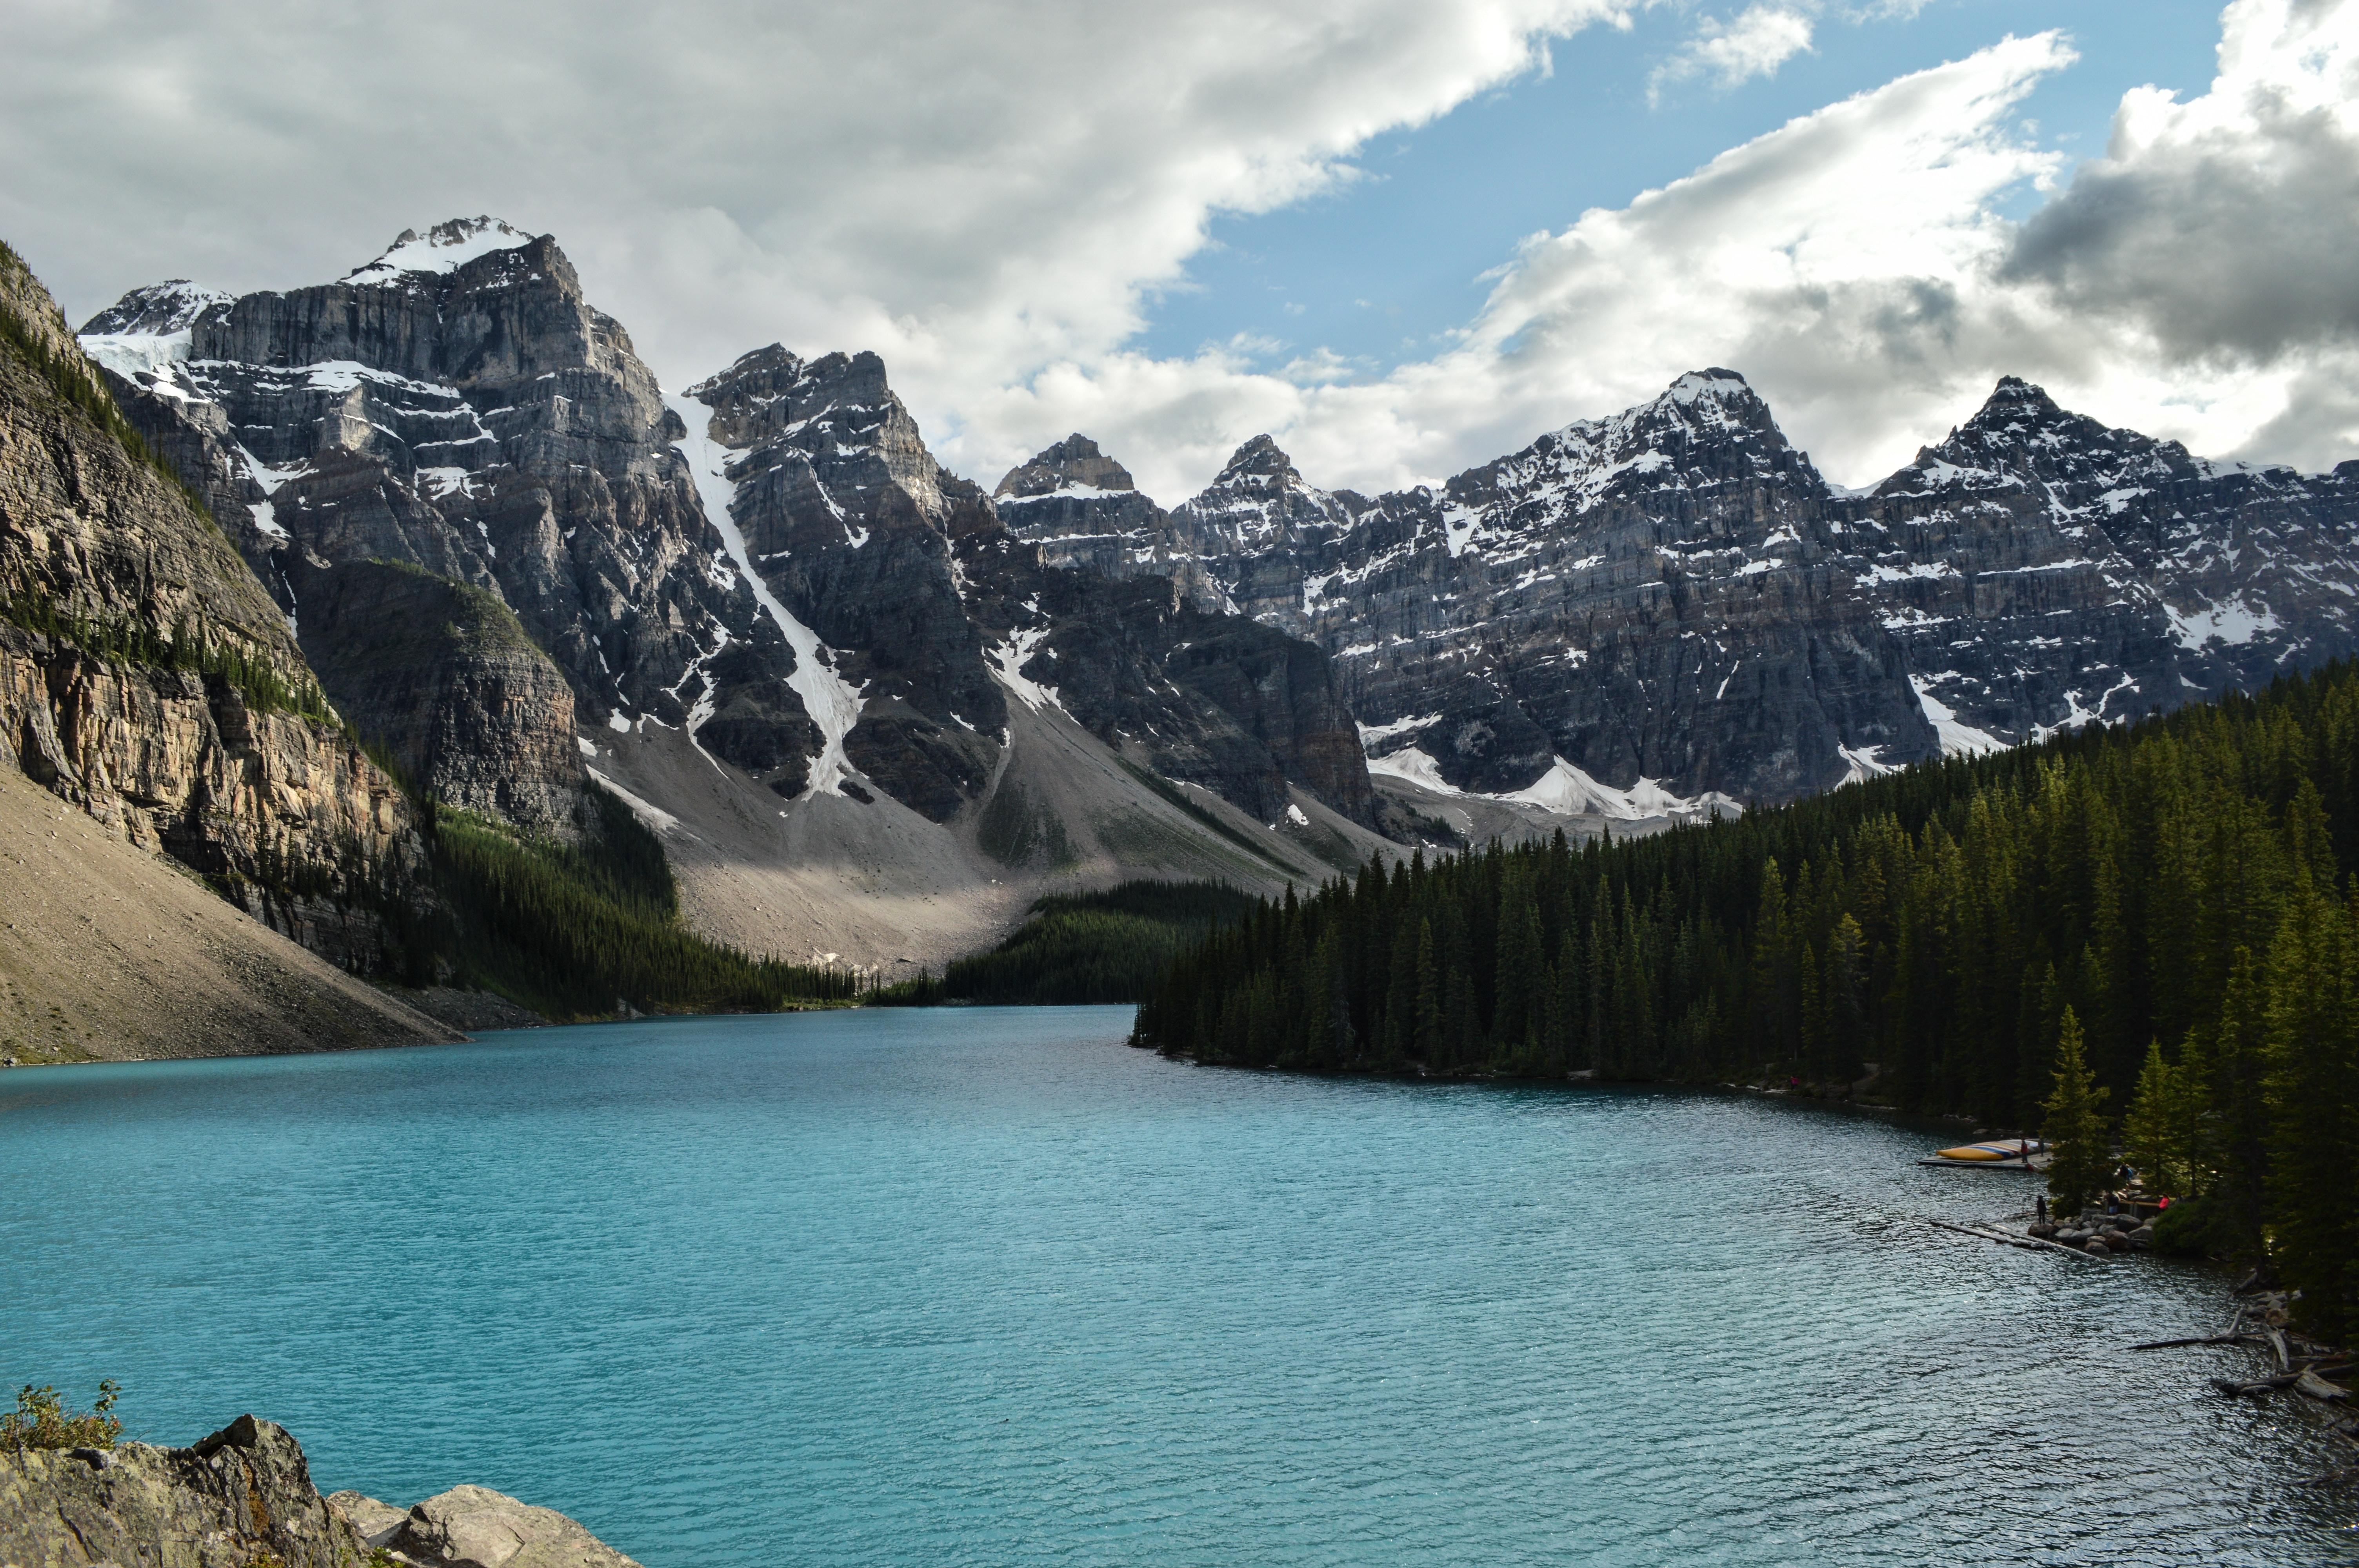 Lake along jagged mountains